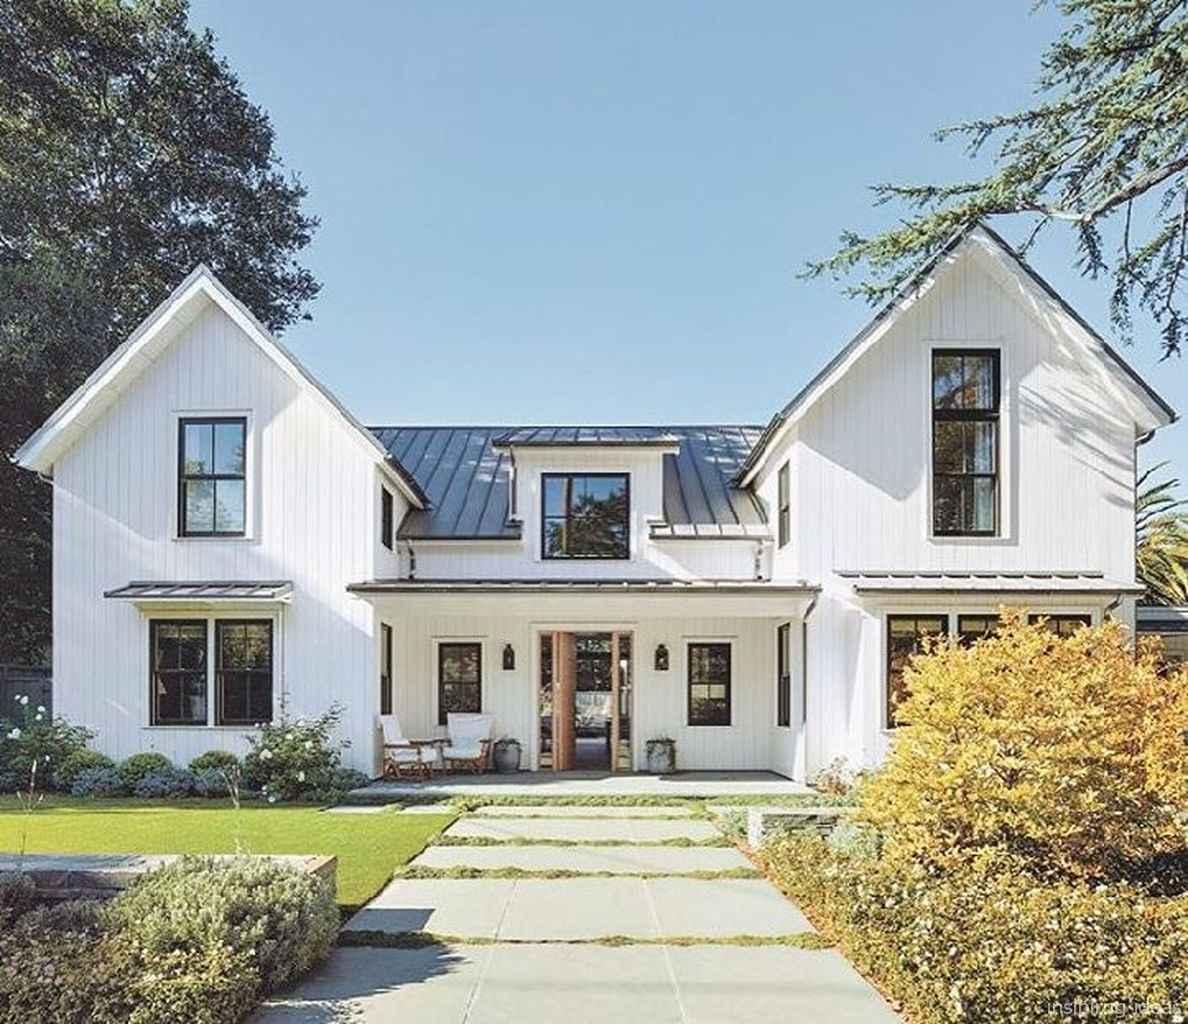 58 Modern Small Farmhouse Exterior Design Ideas